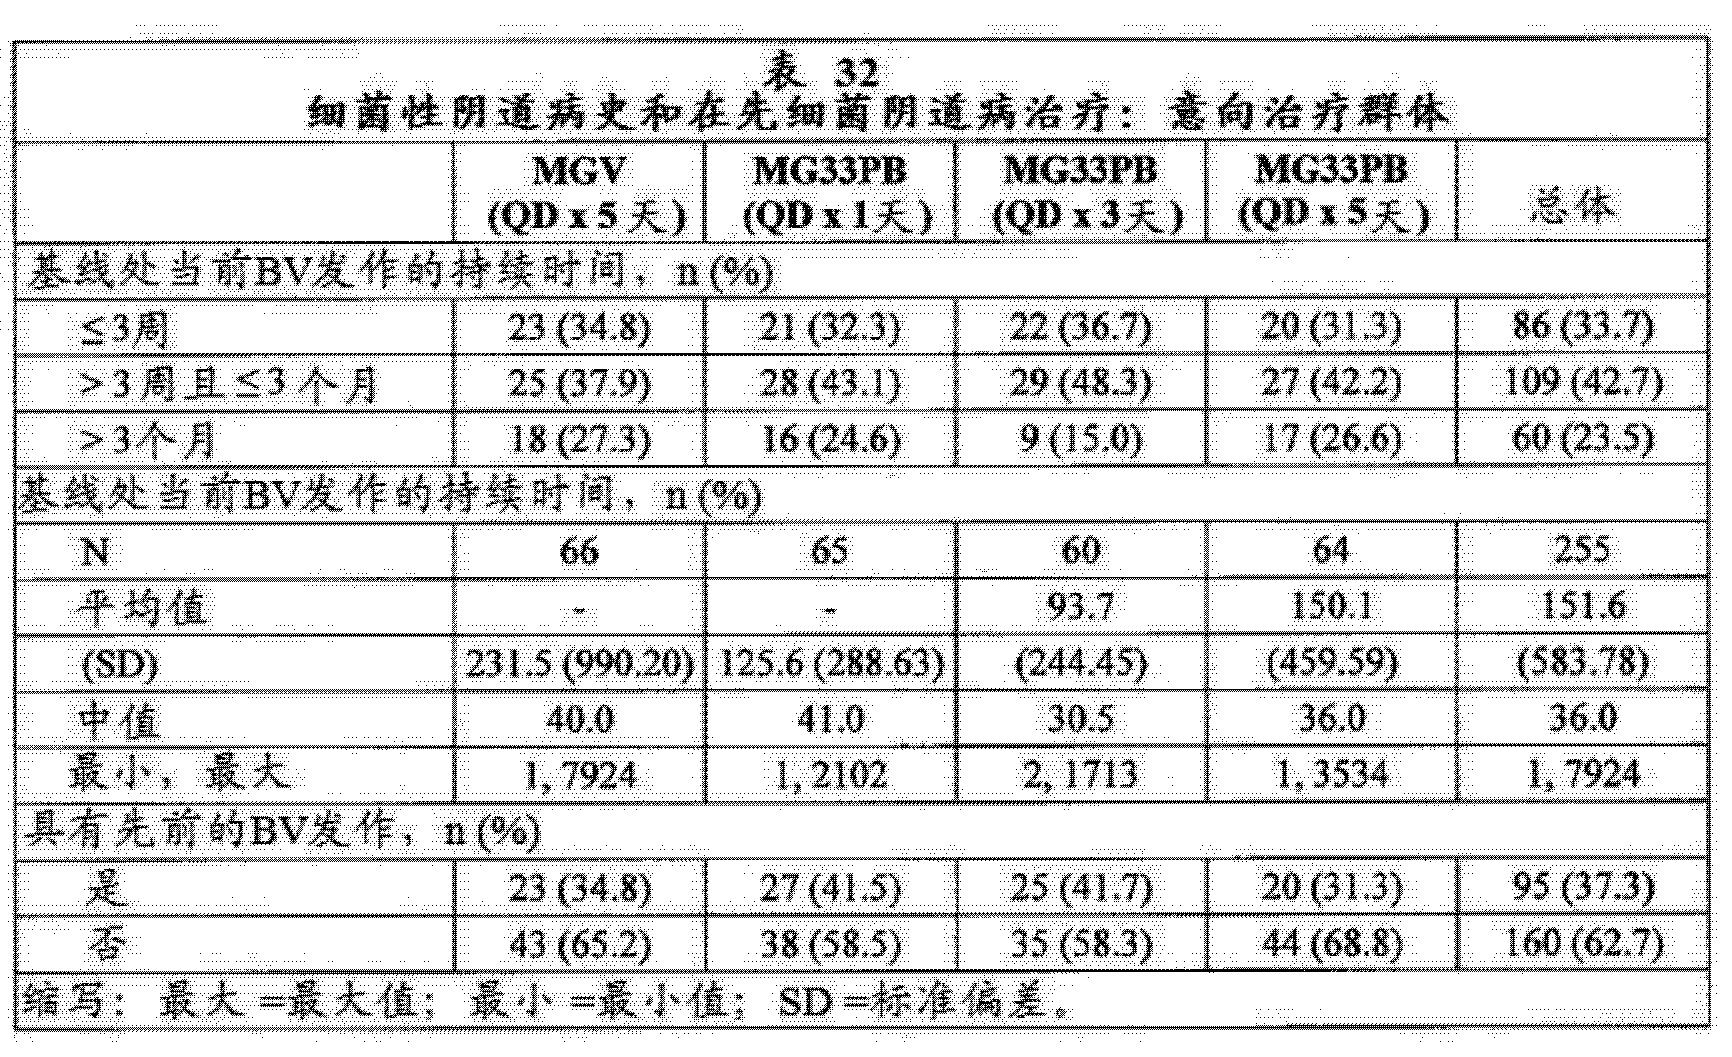 pexep cr 12.5 in pregnancy